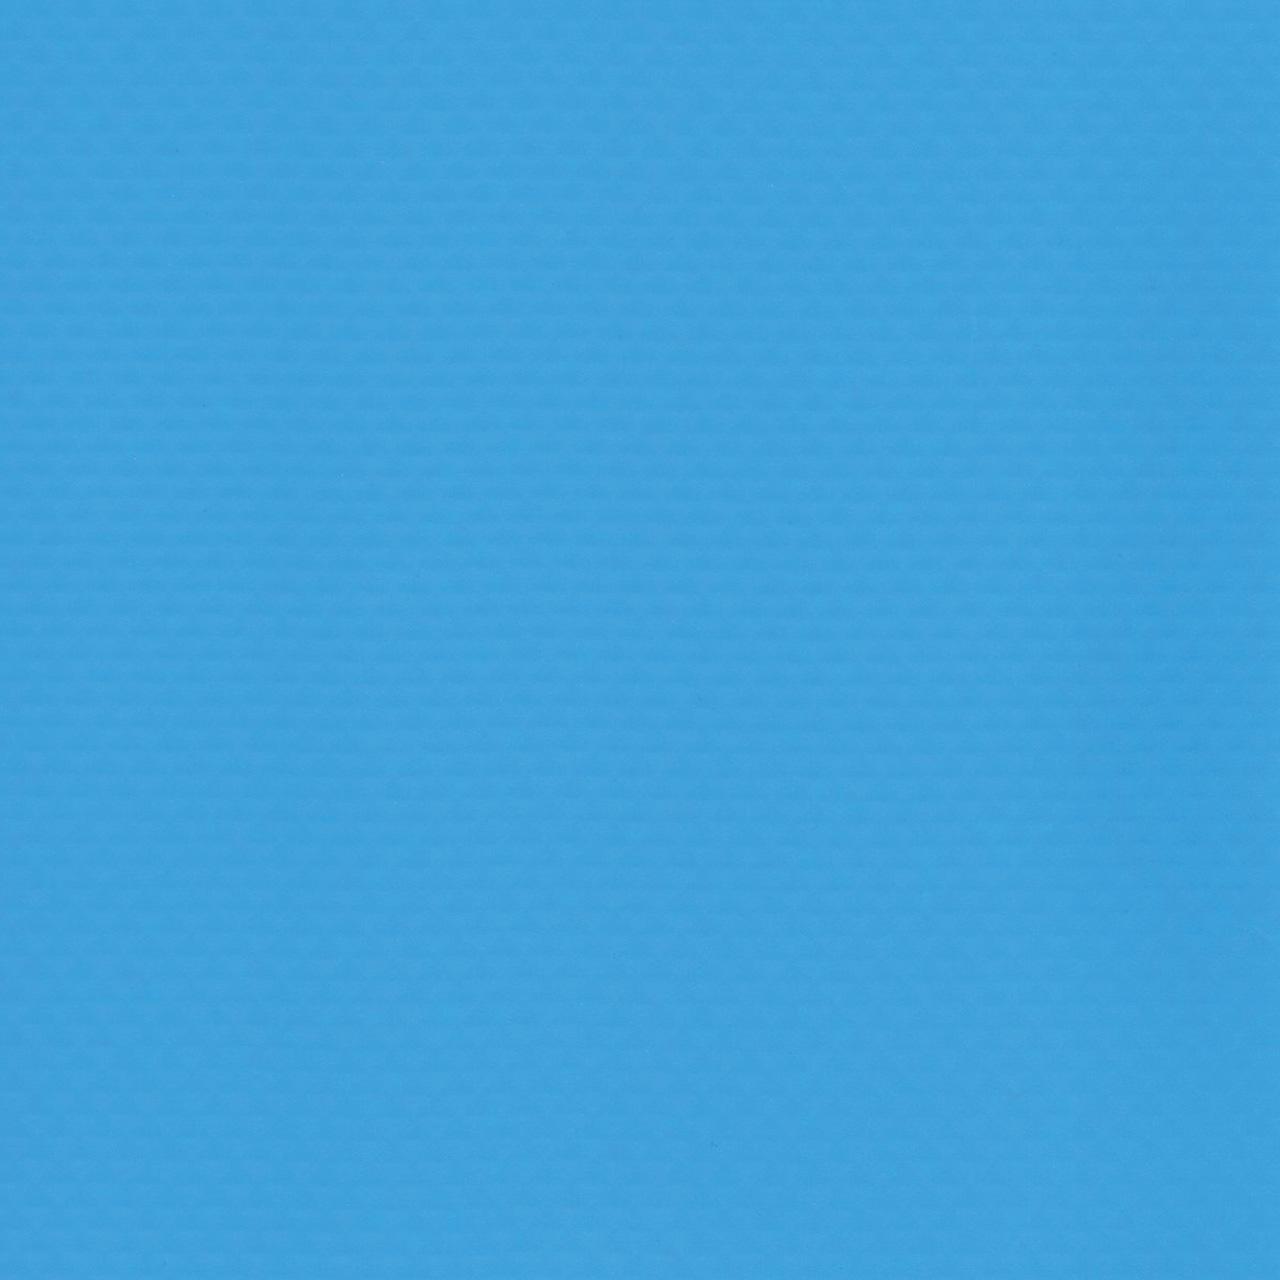 Schwimmbadfolie ELBEsecur 1,5mm gewebeverstärkt  blau o sandfarben  Zuschnitt